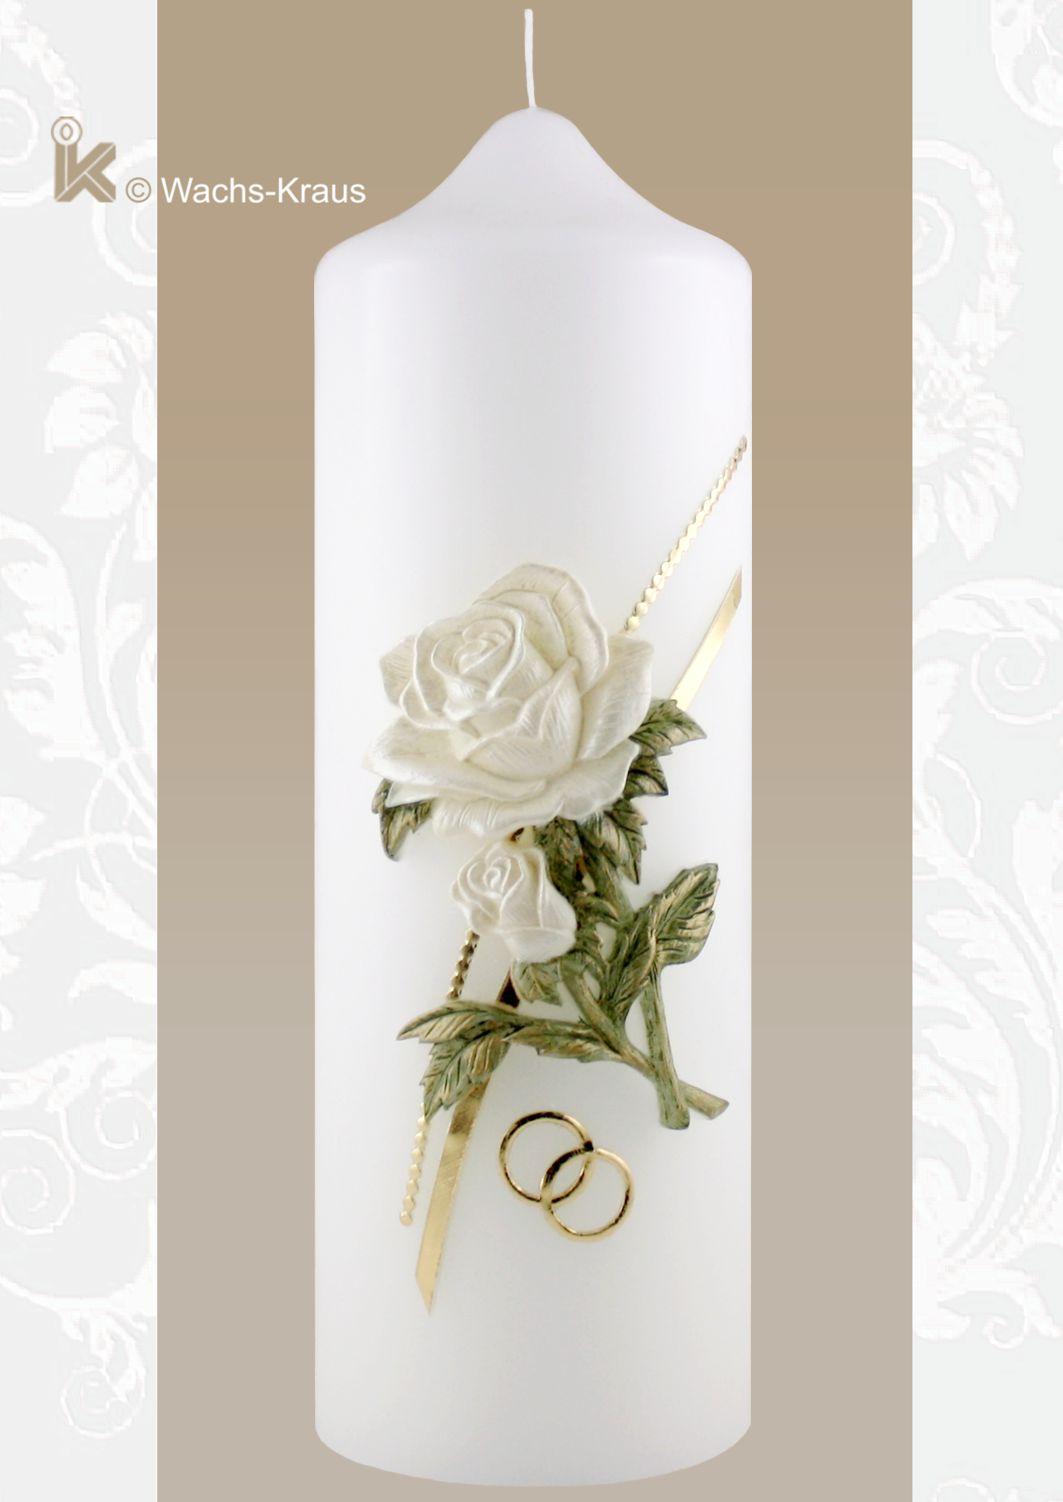 Besondere Hochzeitskerze mit ihrer champagnerfarbenen, aus Wachs gegossenen Rose mit zartgrünem Laub und goldene Ringen.